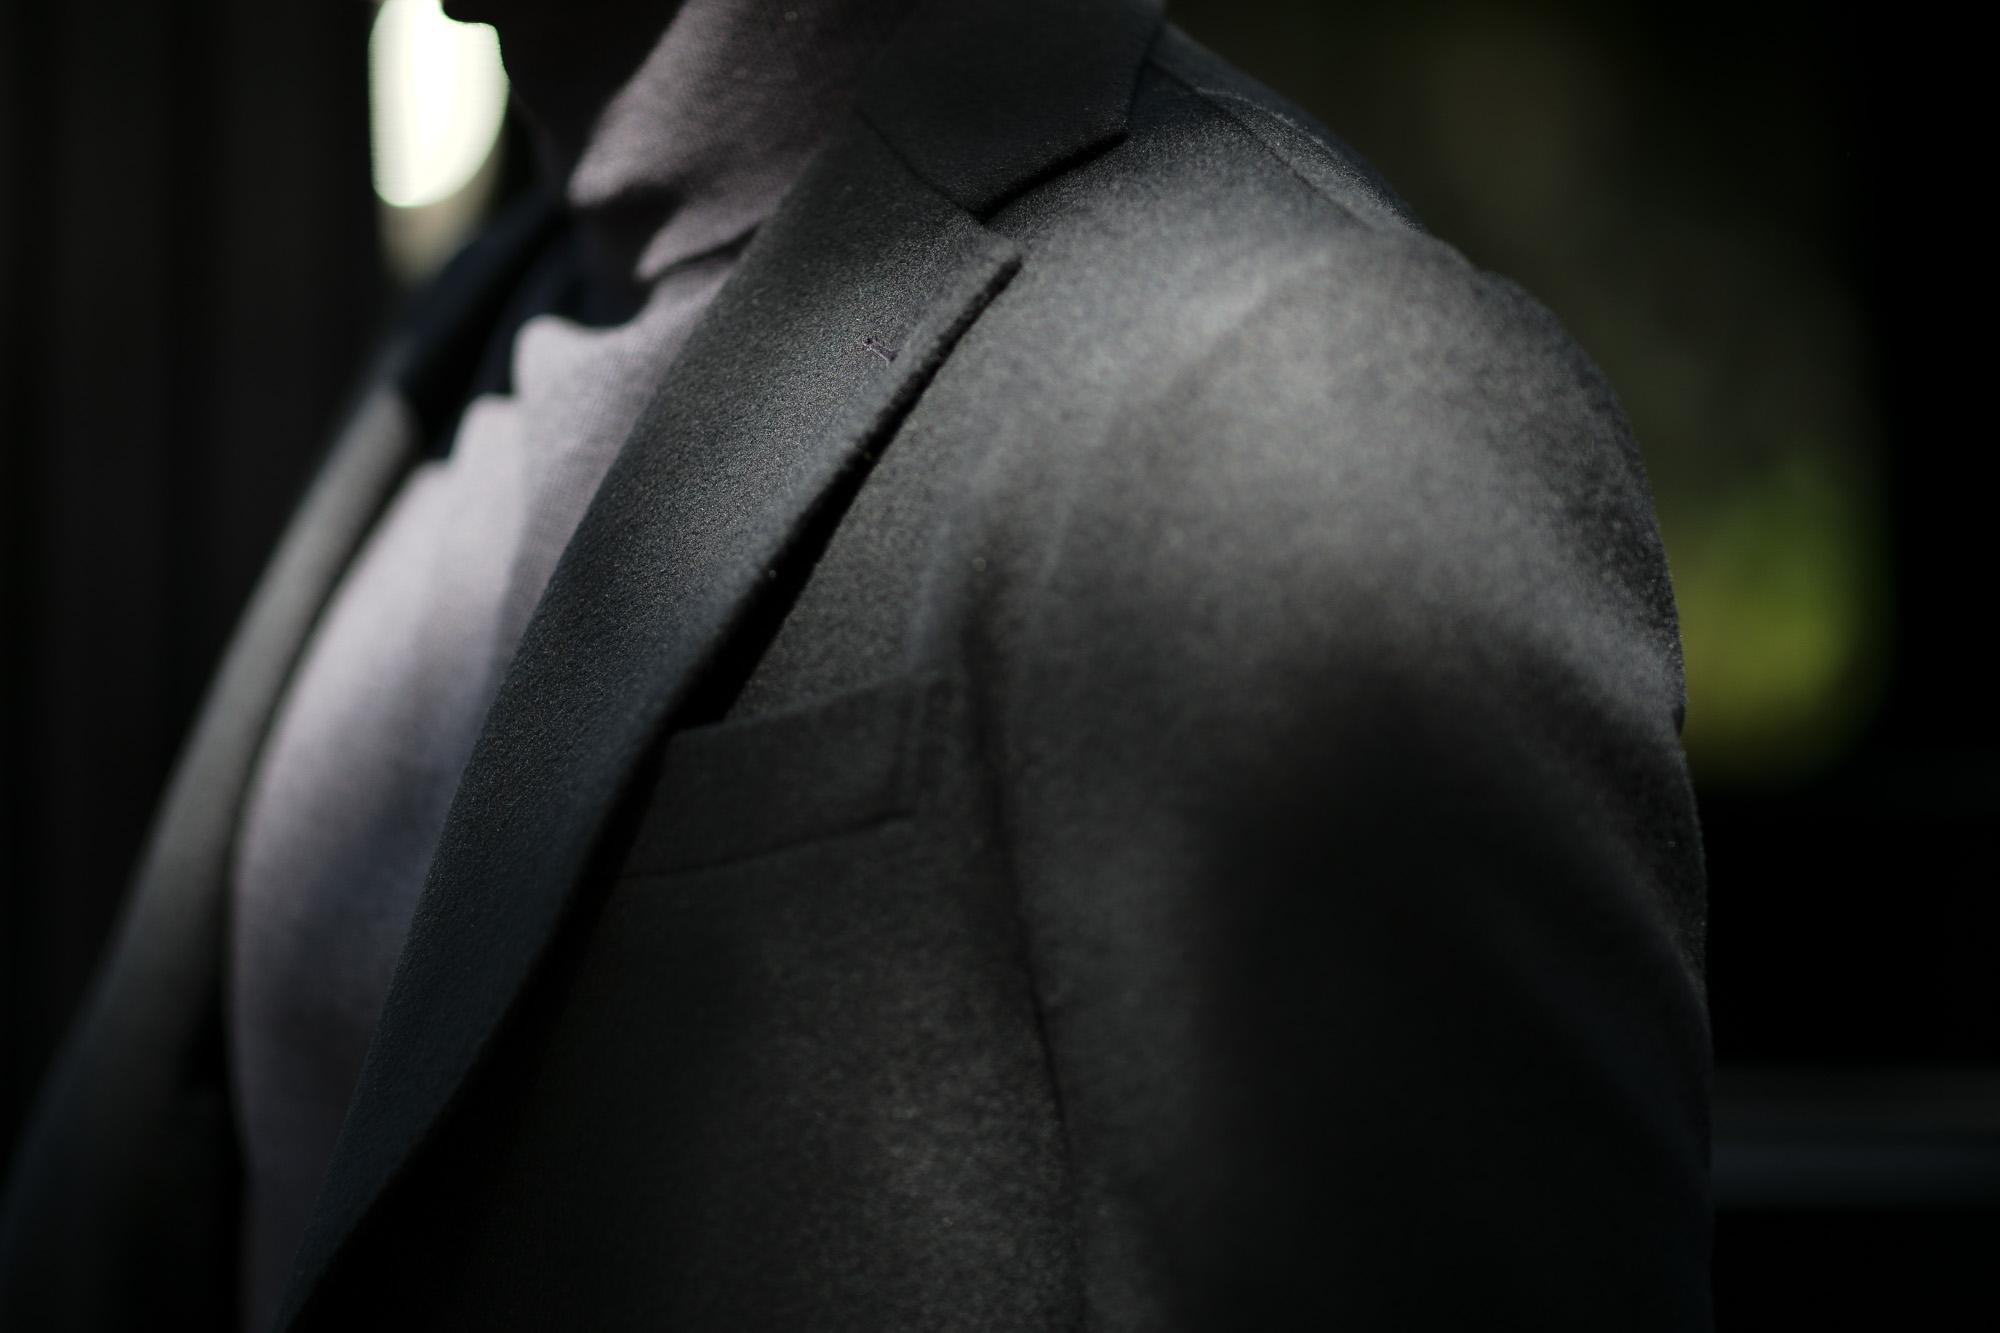 Cuervo (クエルボ) Sartoria Collection (サルトリア コレクション) Lobb (ロブ) Cashmere カシミア 3B ジャケット BLACK (ブラック) MADE IN JAPAN (日本製) 2019 秋冬 【ご予約開始】 愛知 名古屋 altoediritto アルトエデリット スーツ ジャケット カシミヤ